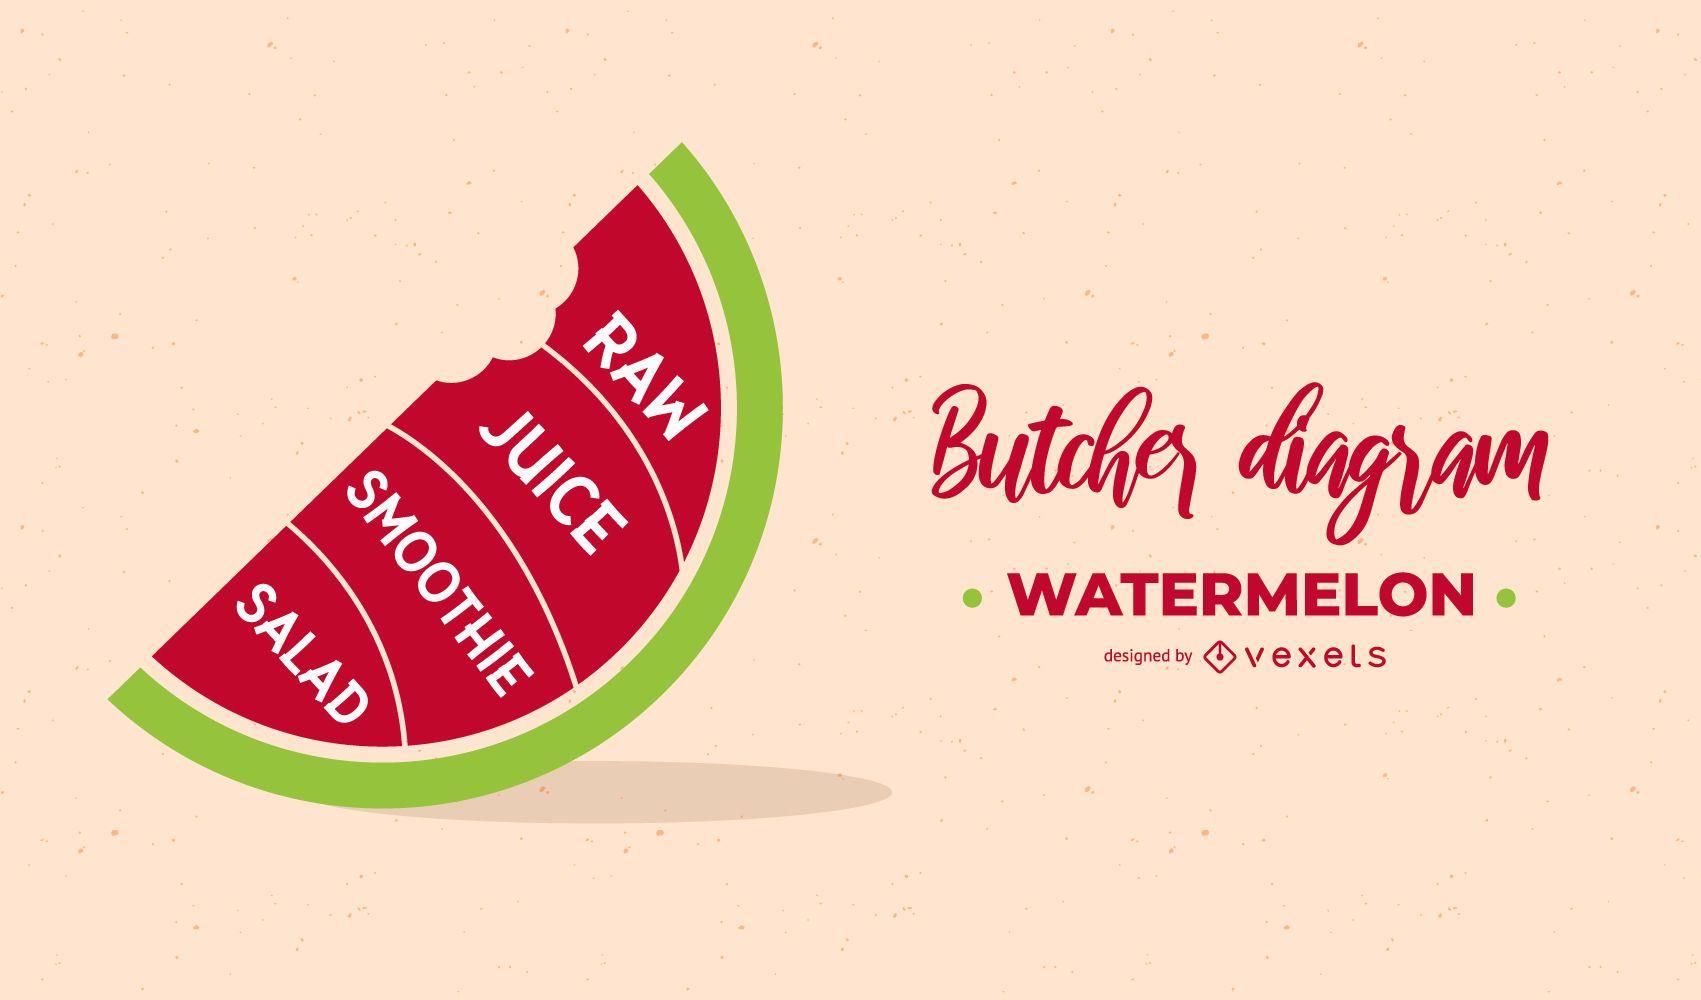 Watermelon Butcher Diagram Design